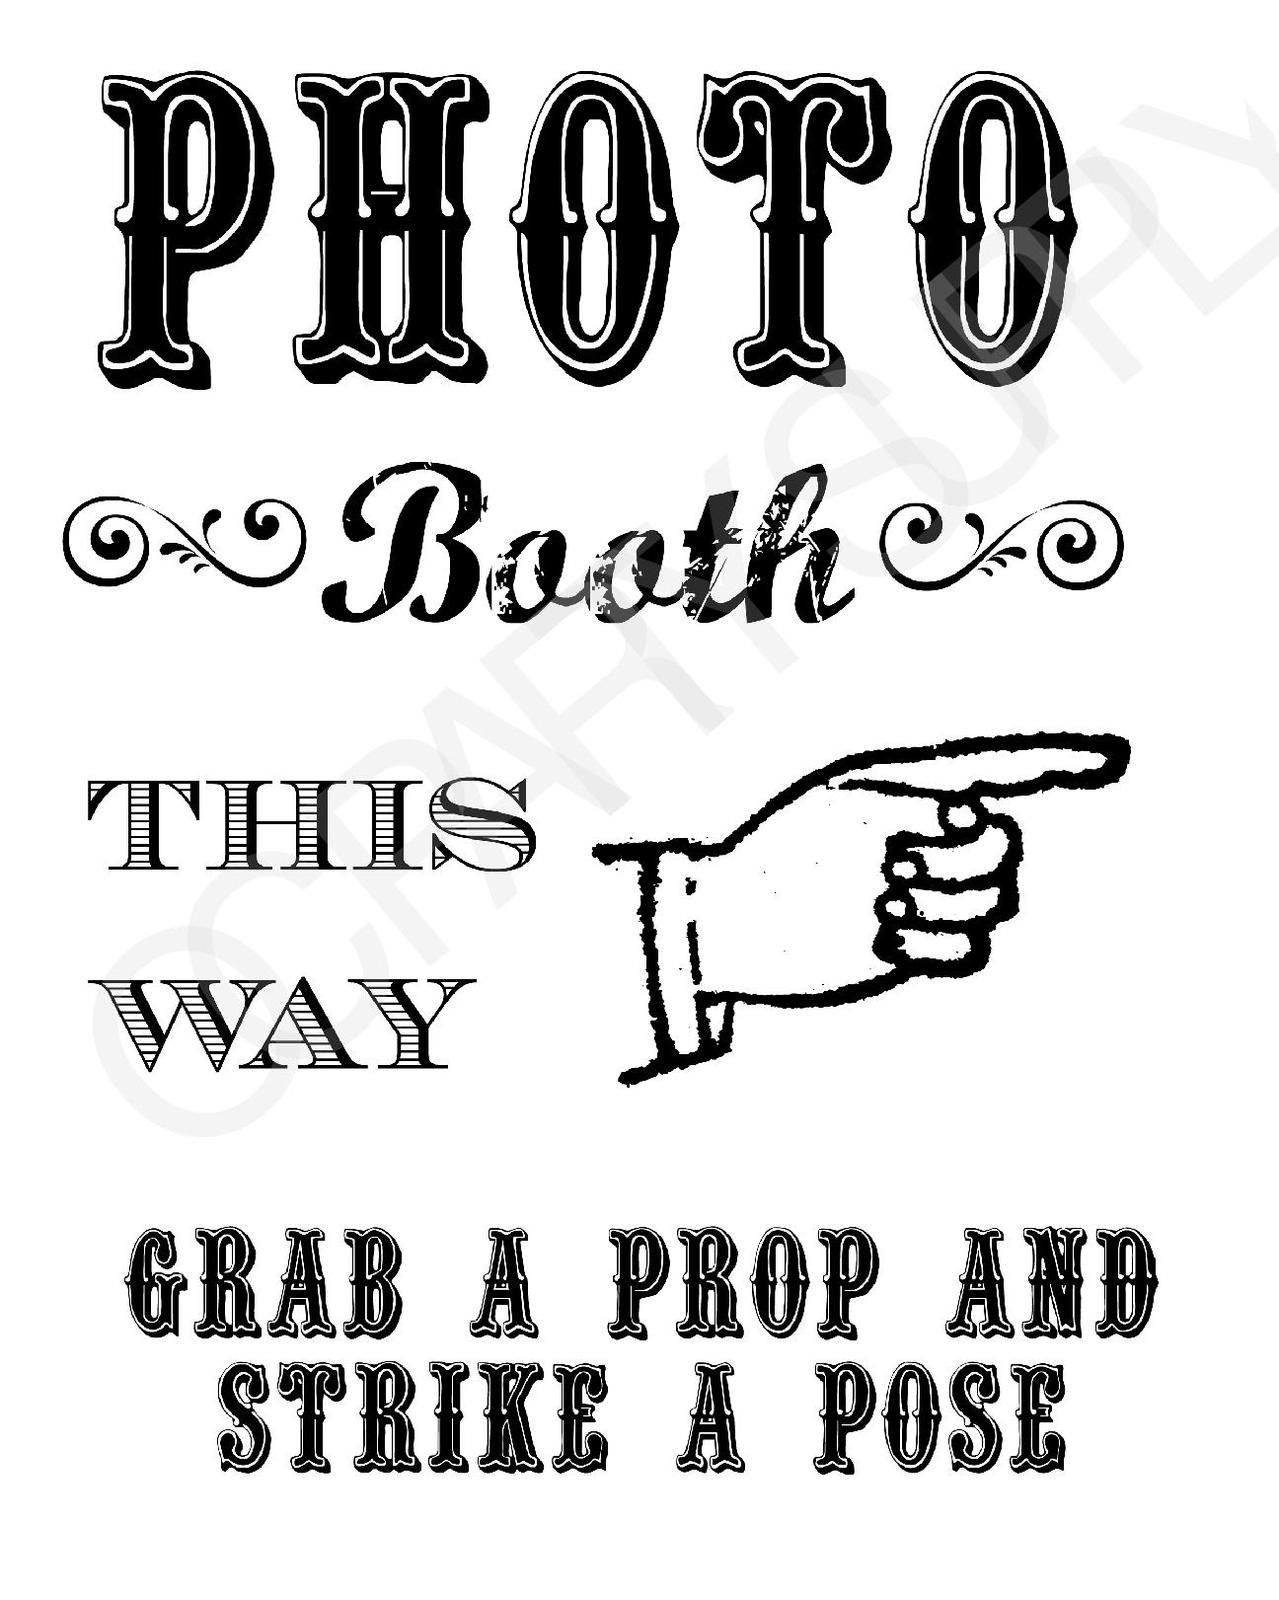 Grab A Prop & Strike A Pose! {Free} Printable Photo Booth Sign - Free Printable Photo Booth Sign